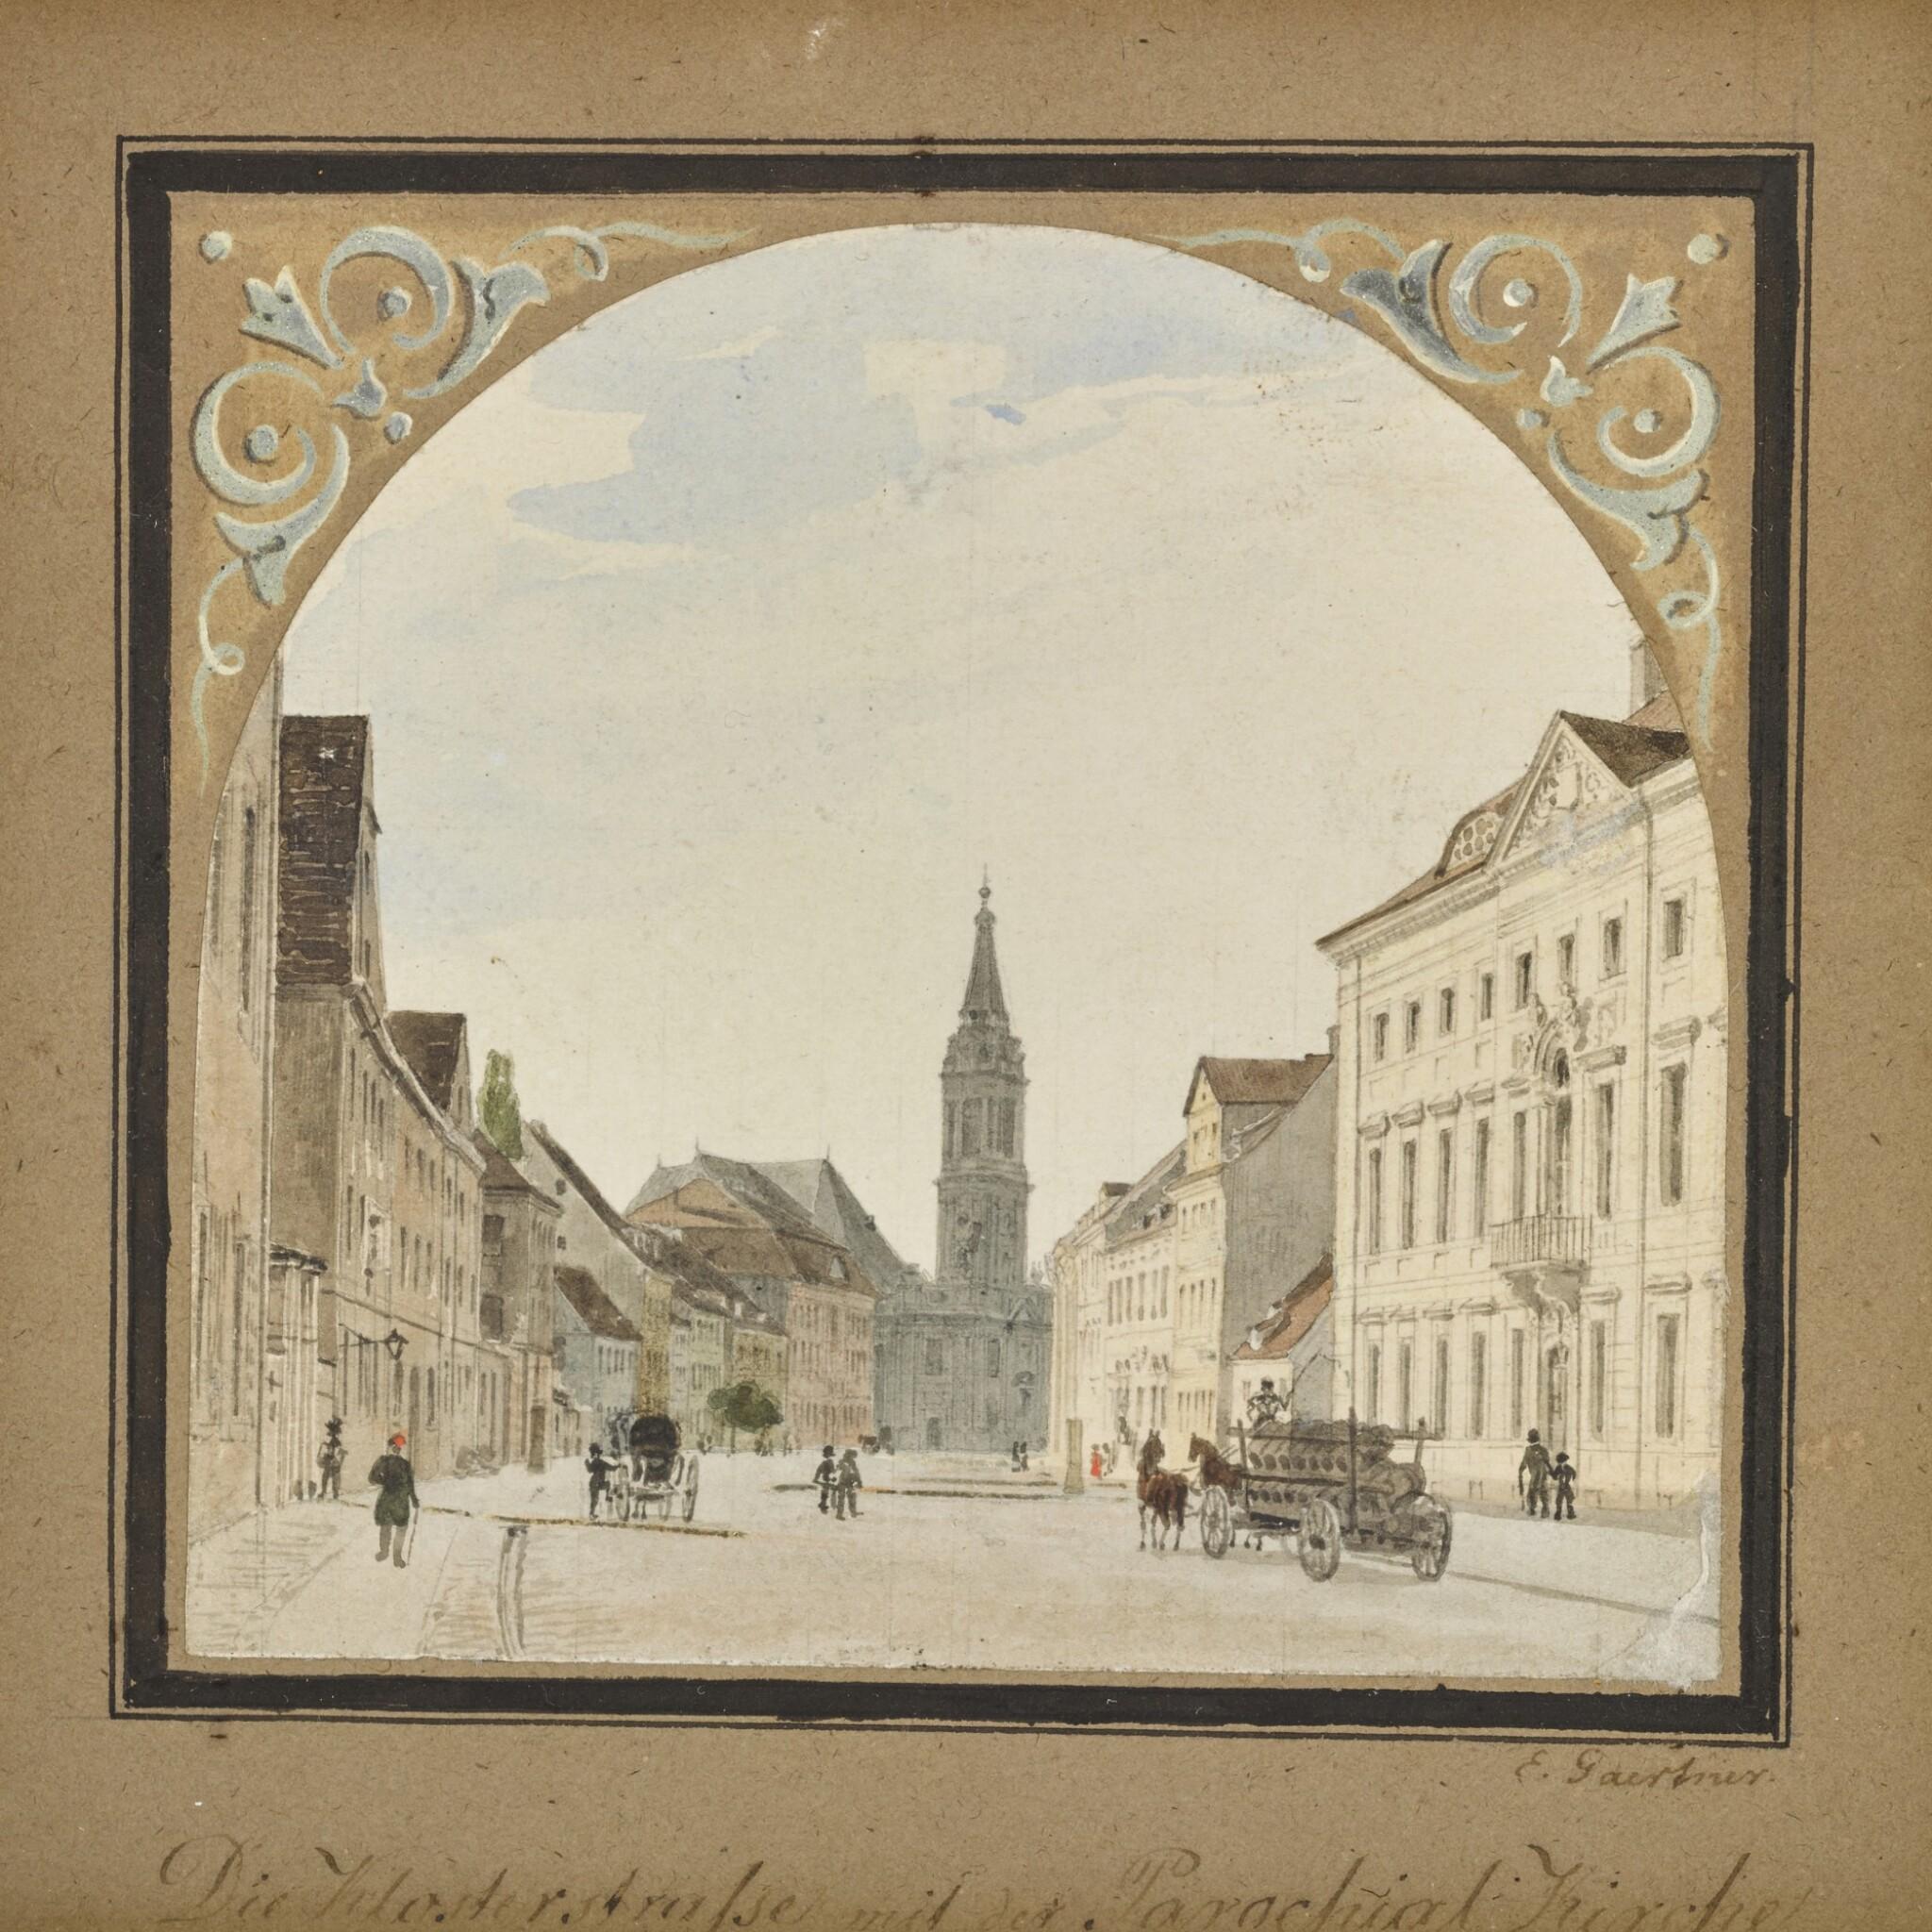 View 1 of Lot 44. Die Klosterstrasse mit Parochialkirche (Klosterstrasse with the Parochialkirche).